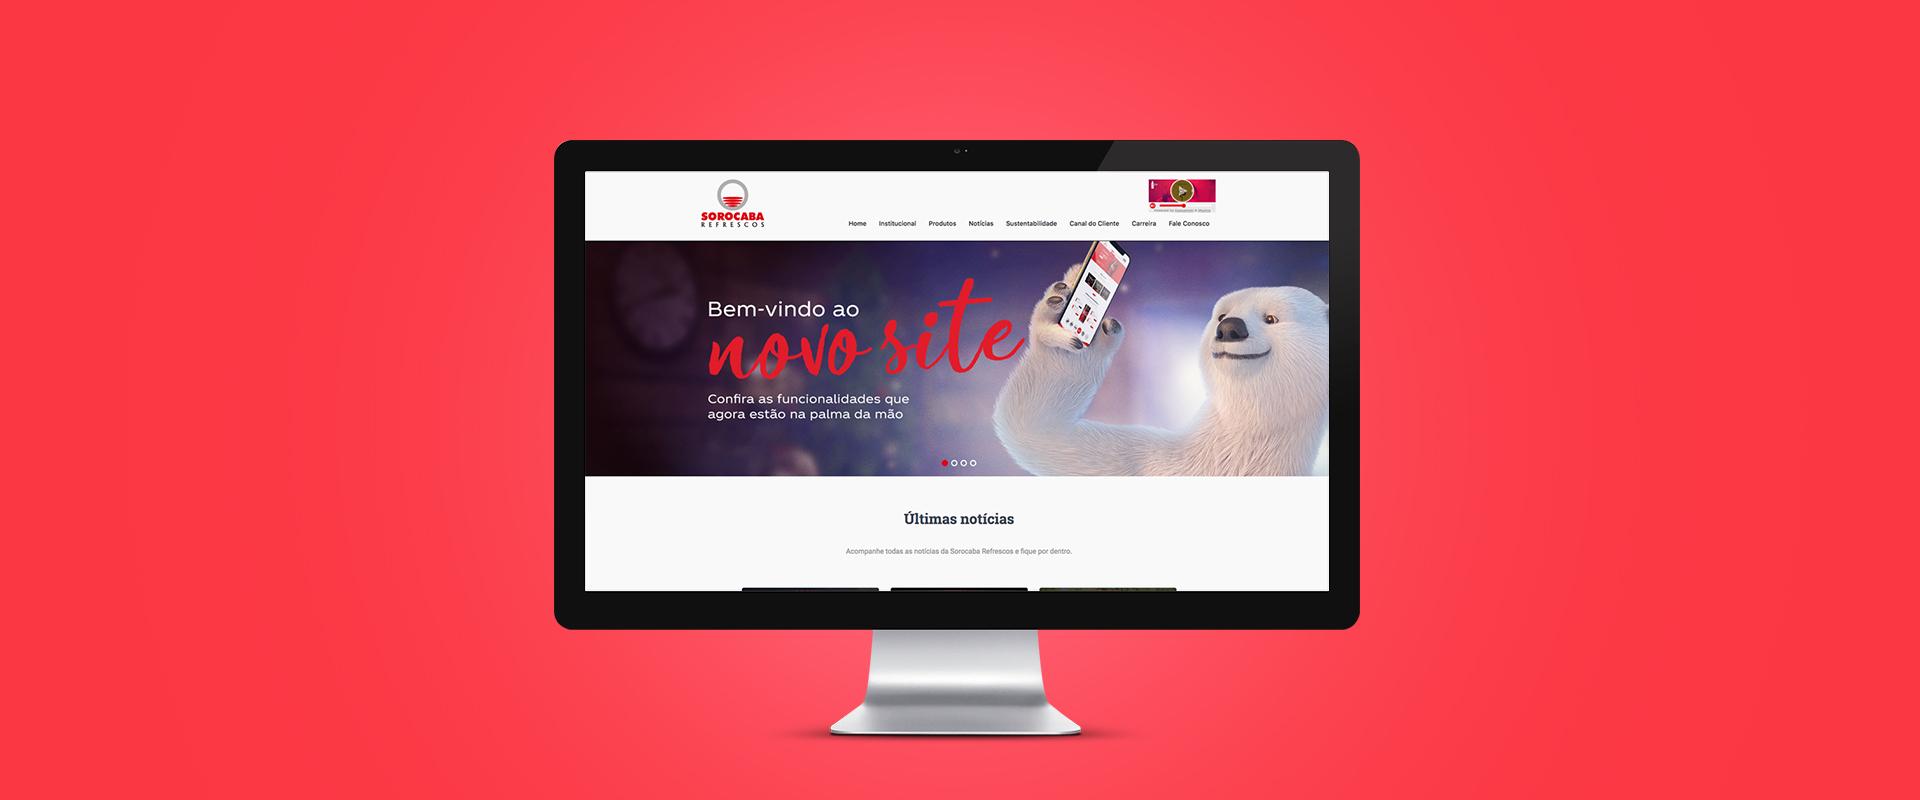 Sorocaba Refrescos: Campanha de lançamento do novo site